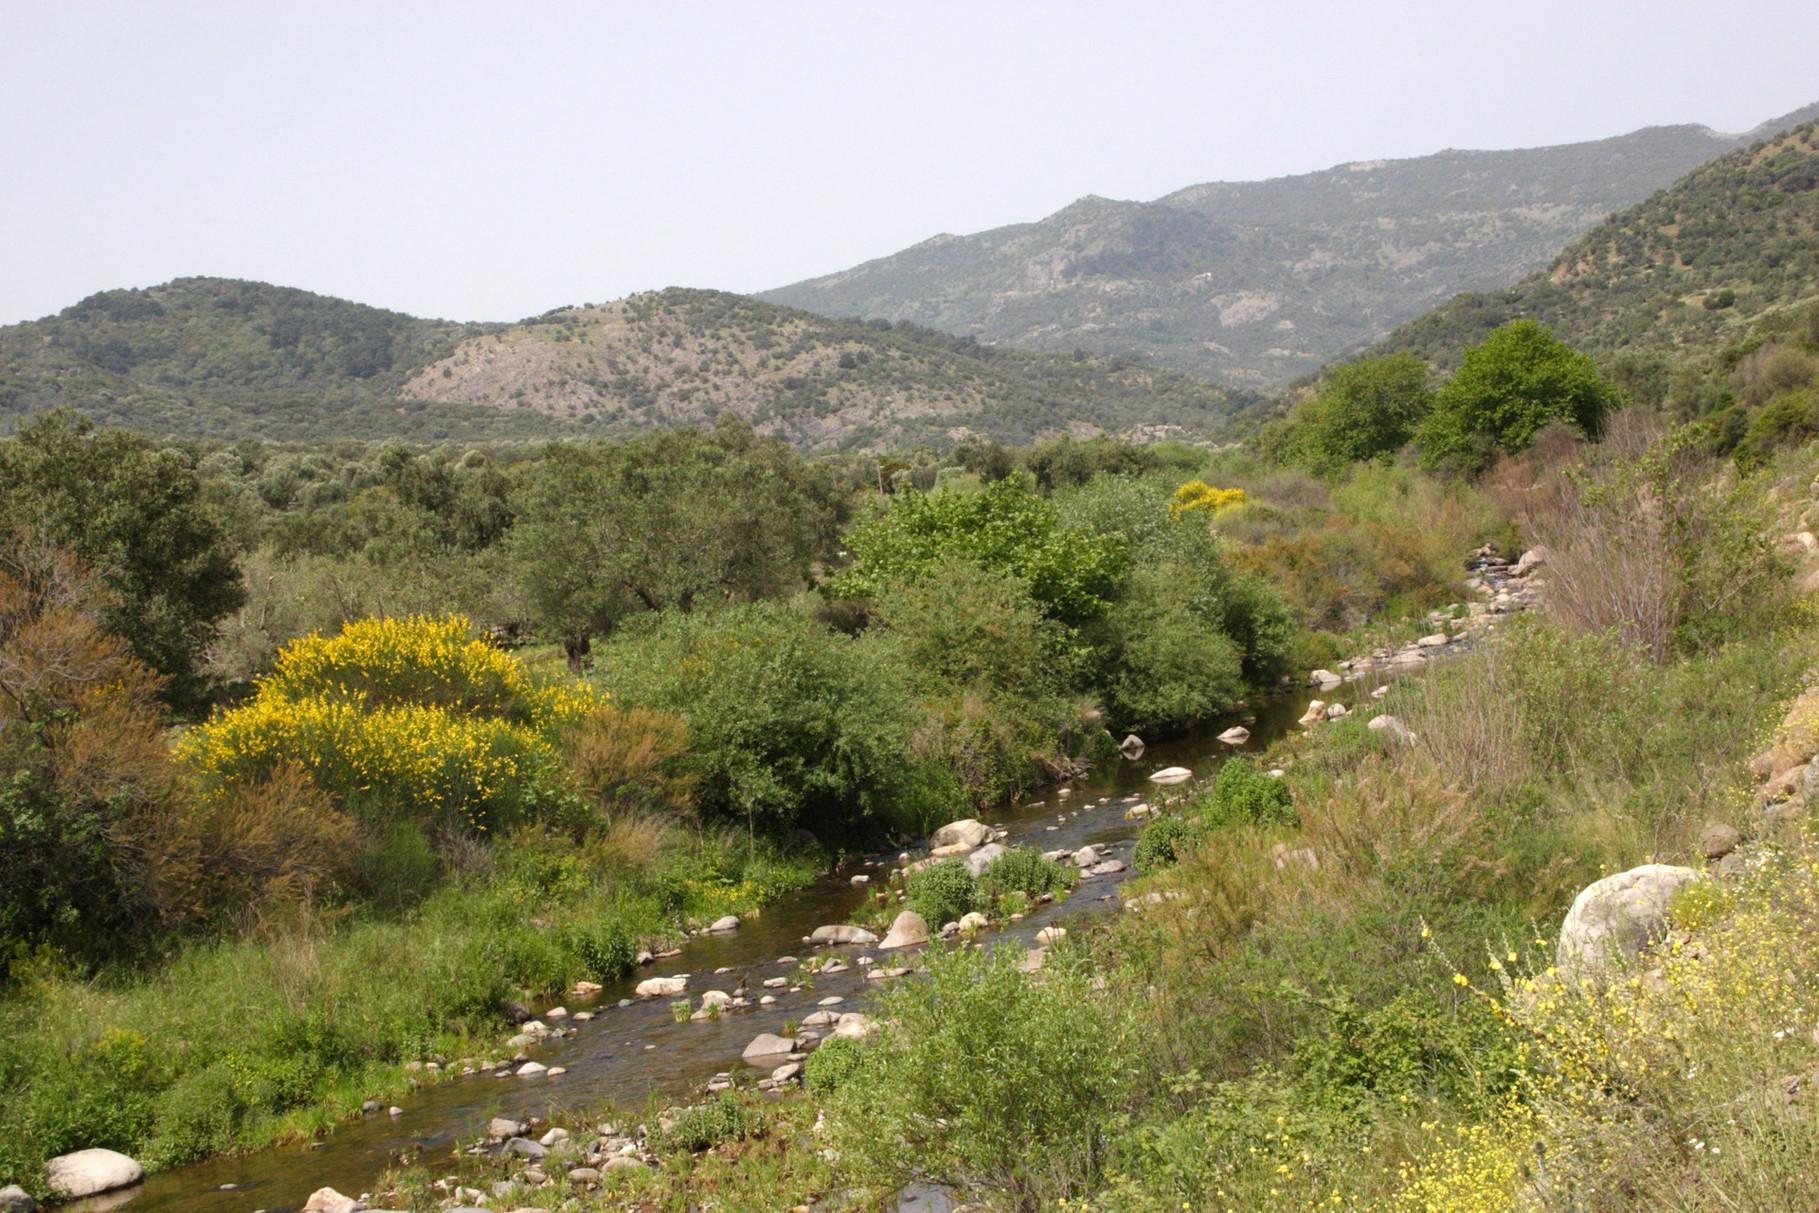 Das Potami-Valley in der Nähe von Kalloni